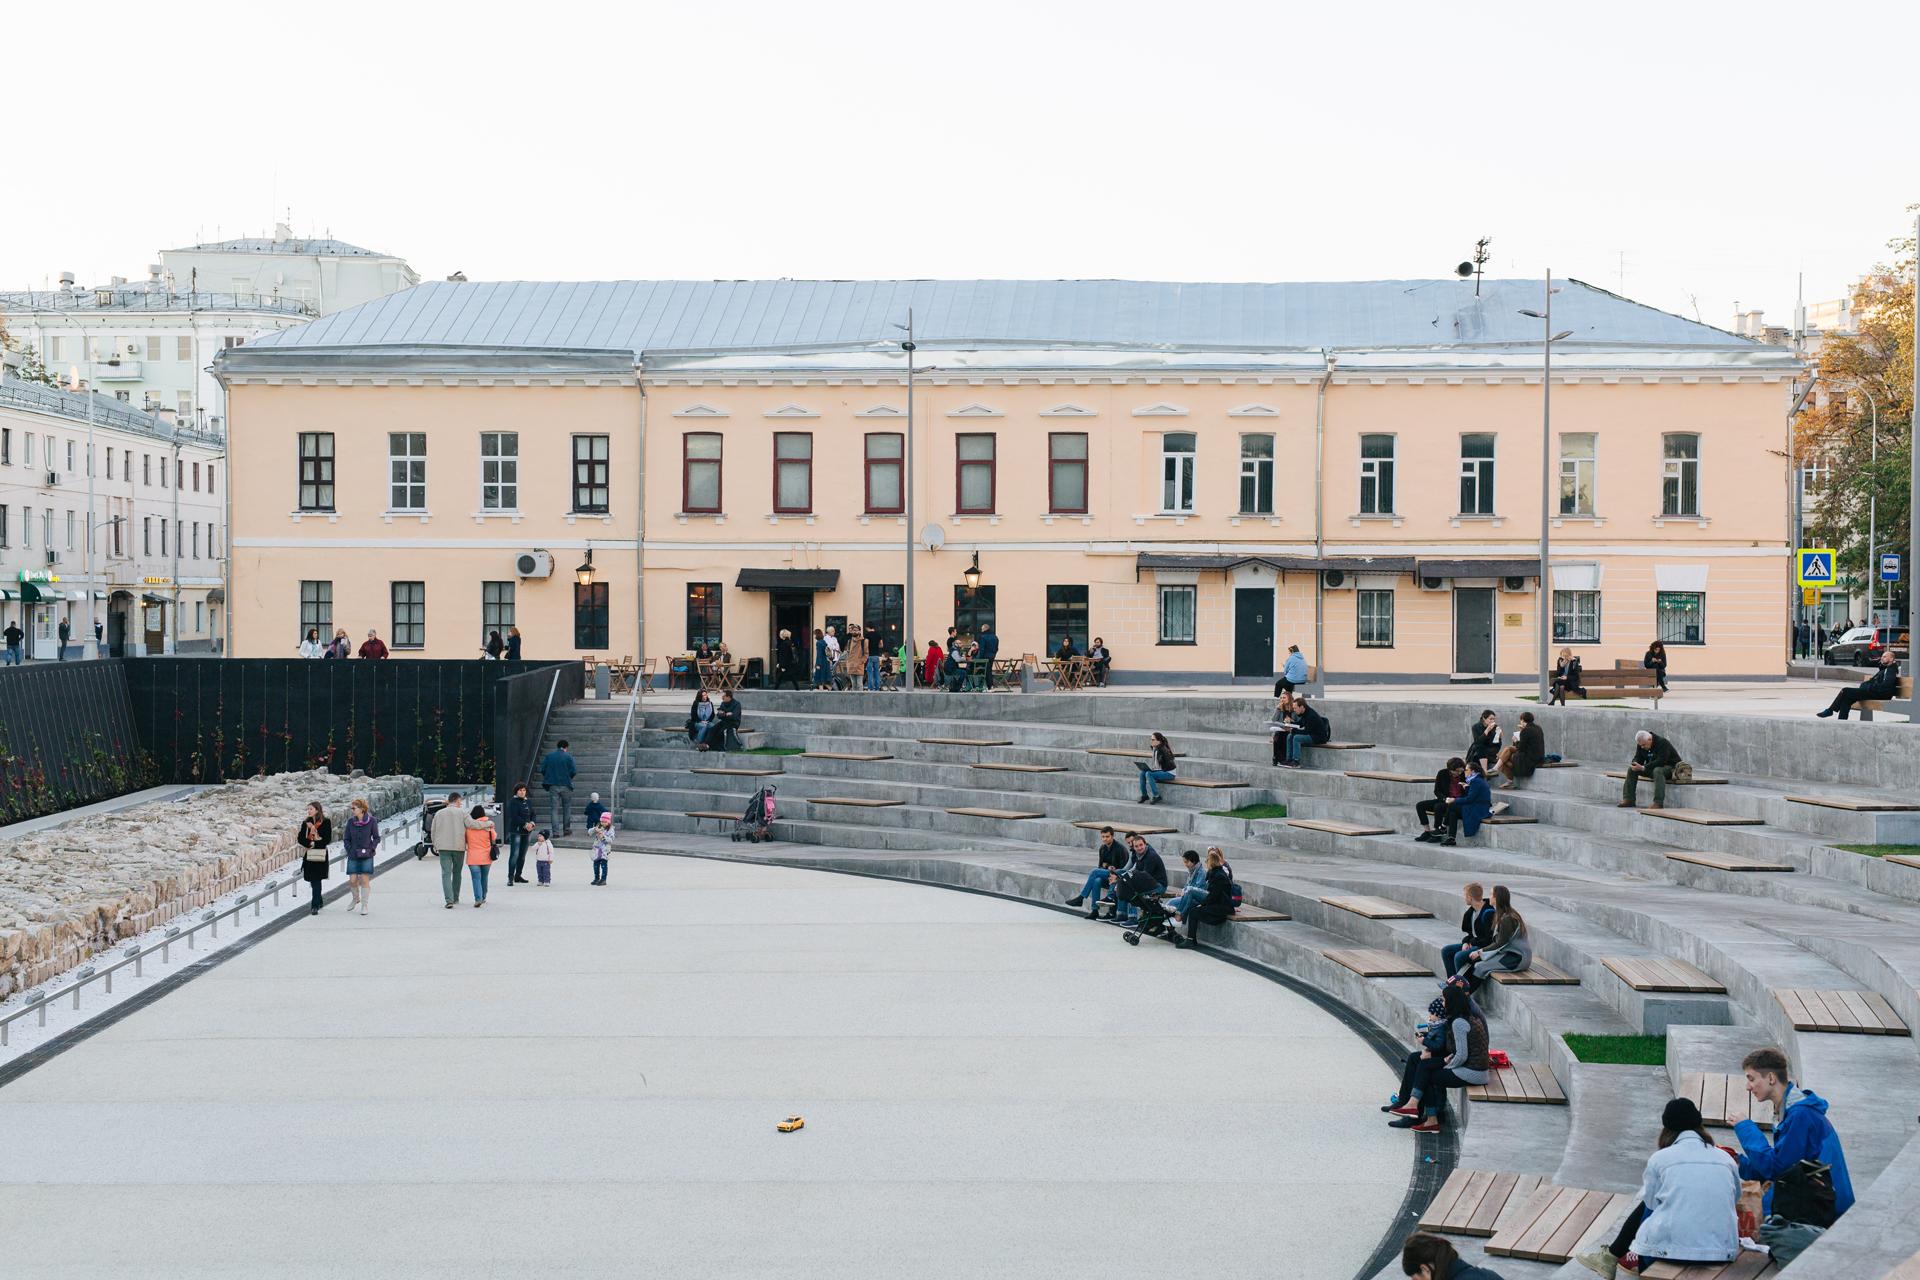 Djao-Rakitine Khokhlovskaya Square, Moscow